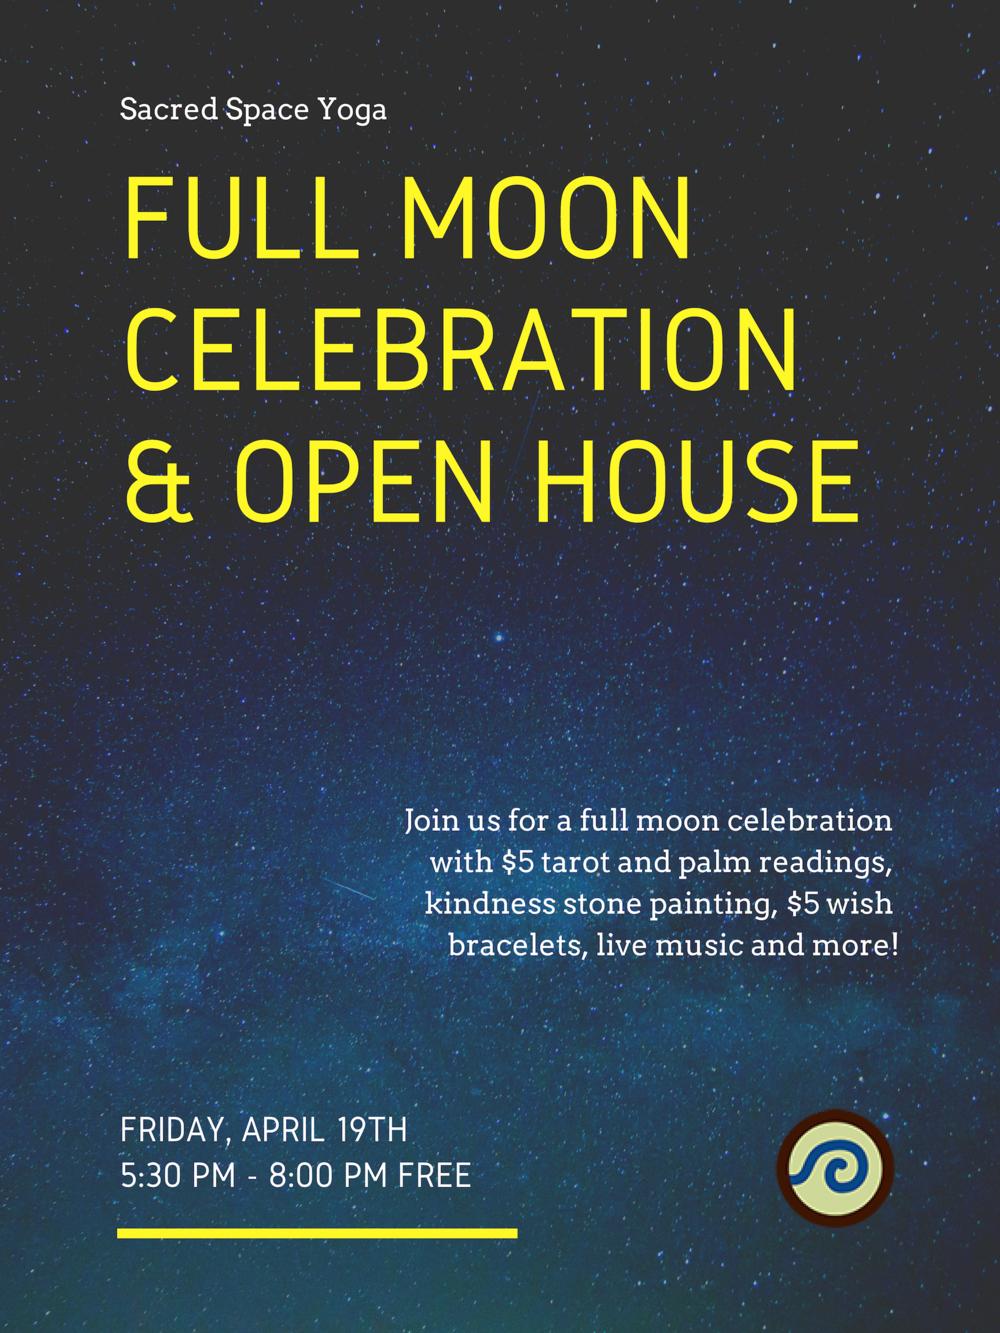 SSY Full Moon Celebration & Open House Flier 3.29.19.png